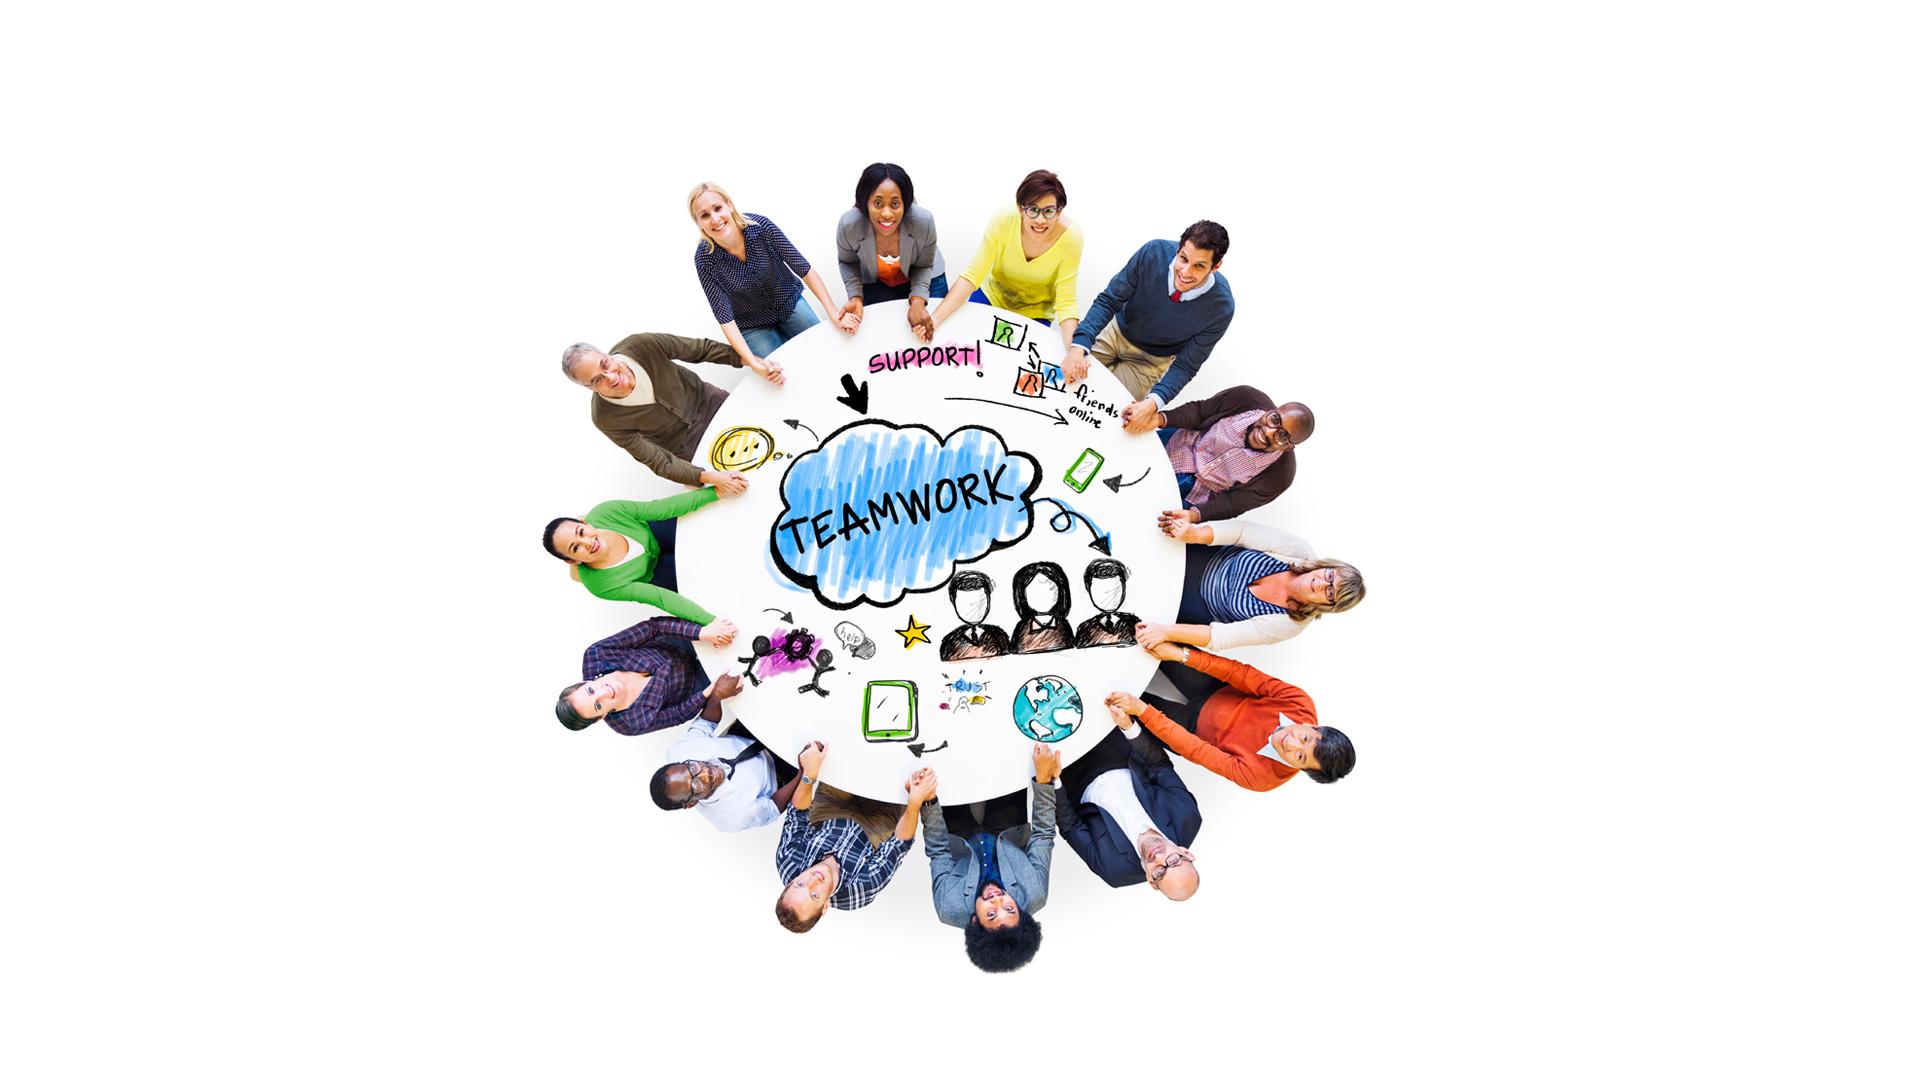 Existes pautas que los grupos de trabajo deben seguir para mantener la armonía, ¡descúbrelas!